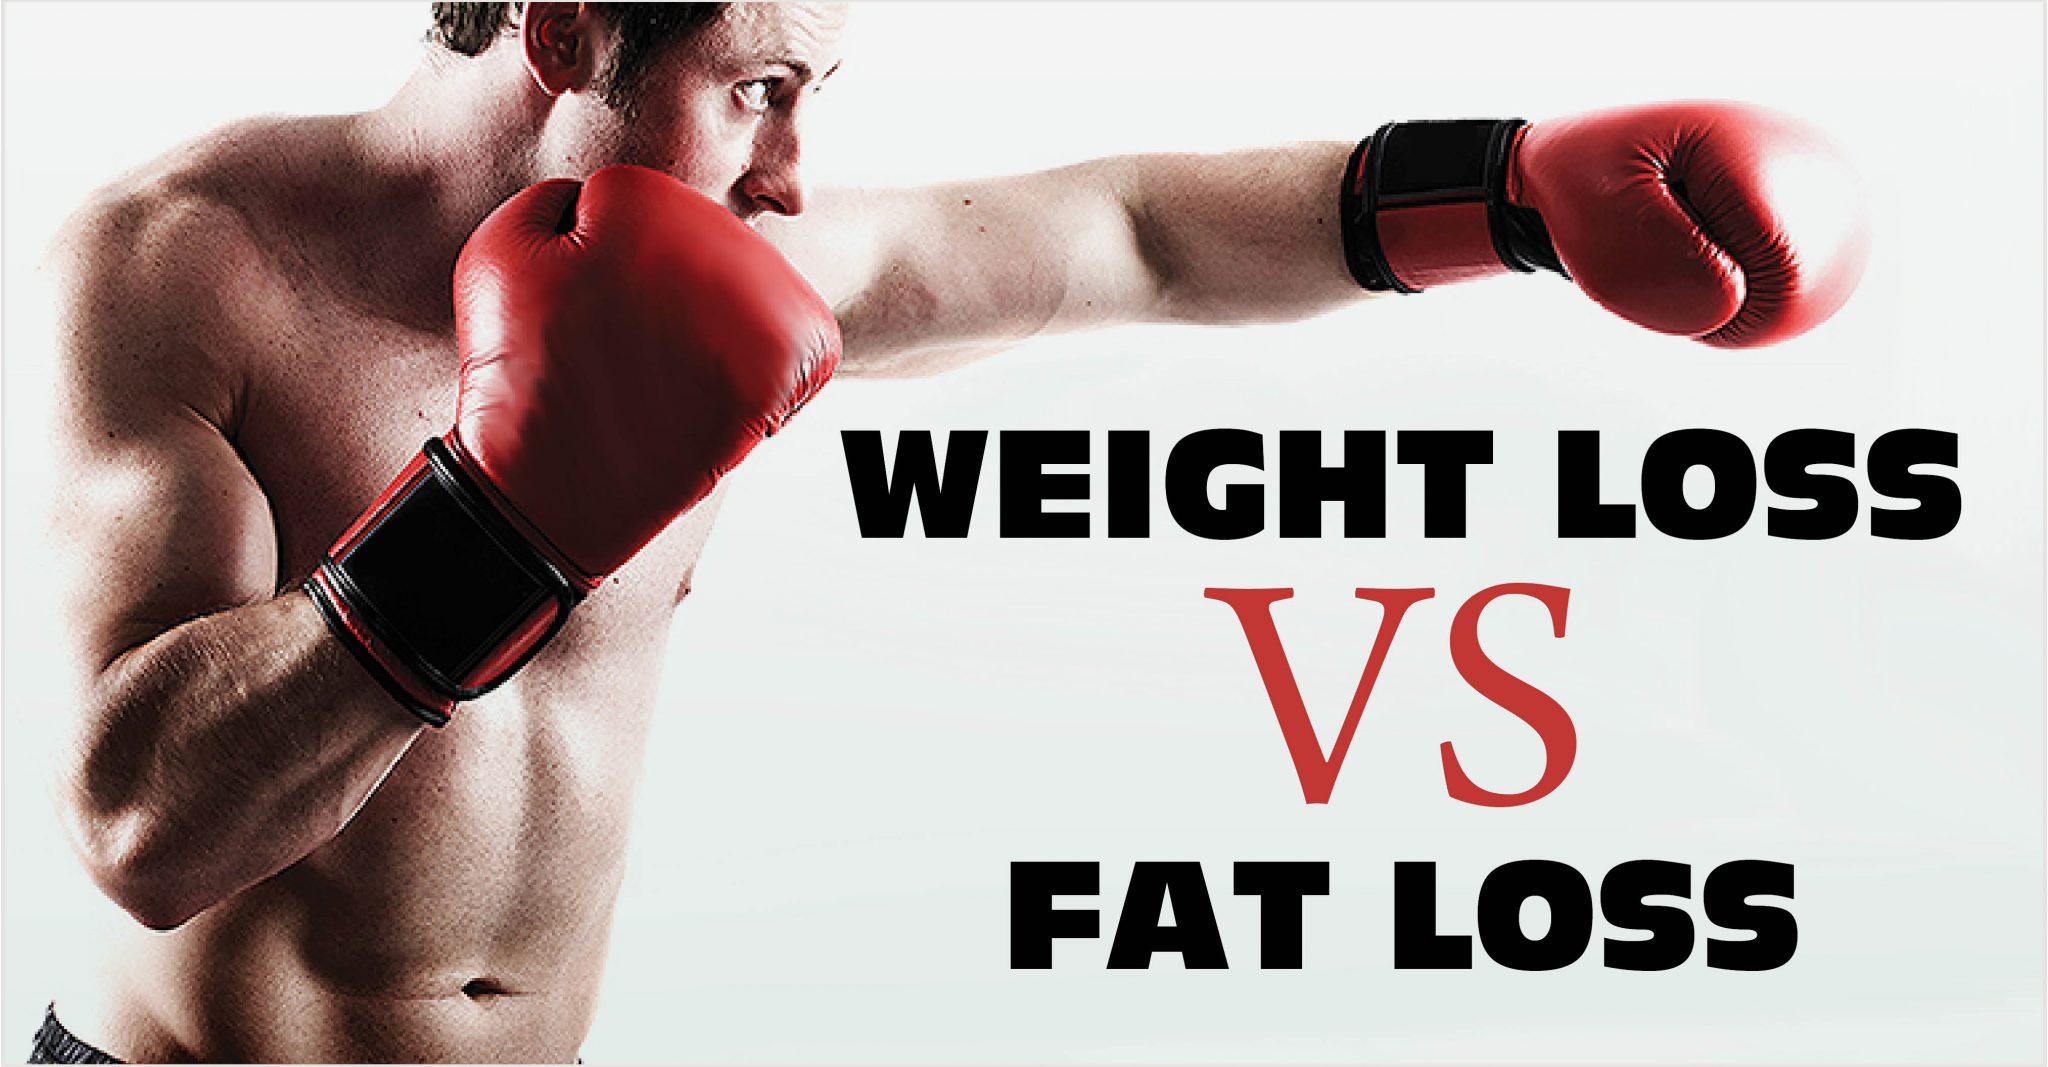 Cum să pierdeți burta în 2 săptămâni / Mancare si bautura | Sport, fitness, sănătate și dietă!